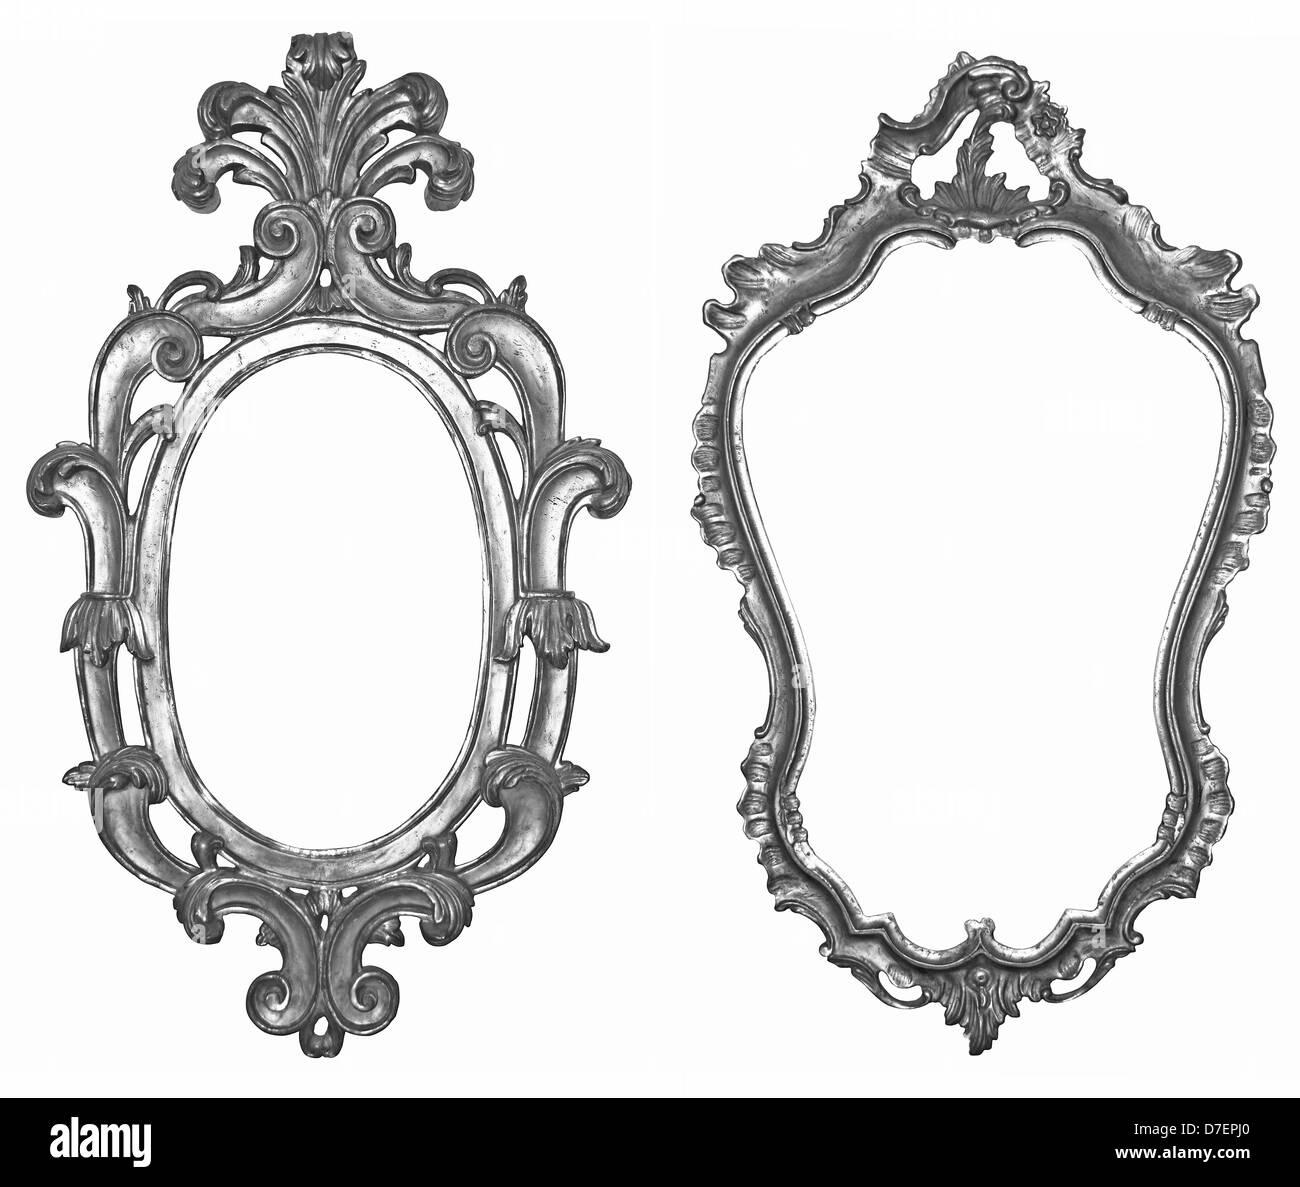 Argent vieux cadres en bois pour les miroirs et tapisseries Photo Stock